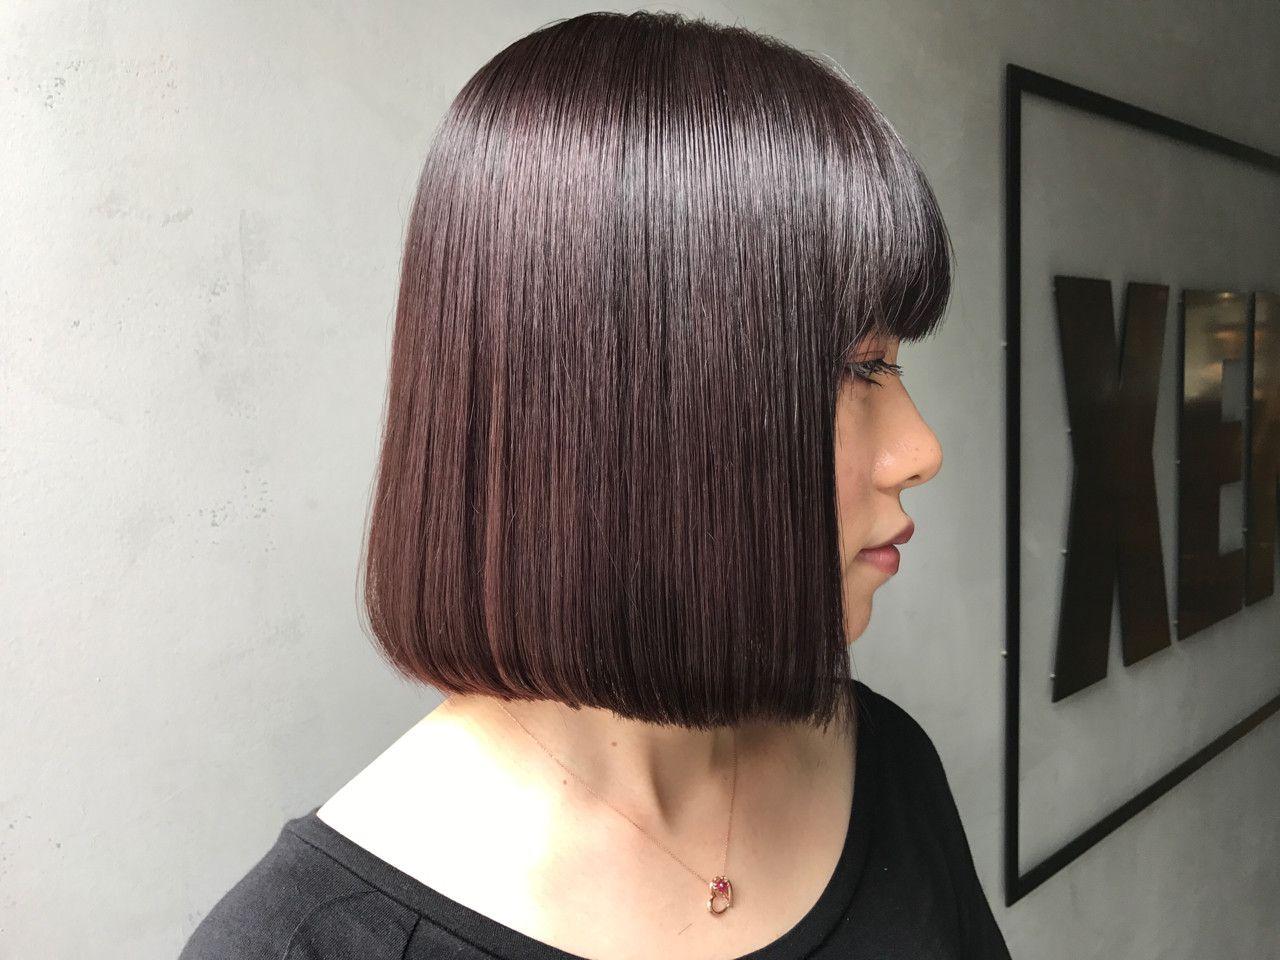 ワンレングス 切りっぱなし 暗髪 ボブ フリーランス Xena Miya 1031miya 321083 Hair ボブヘア 薄毛 美髪